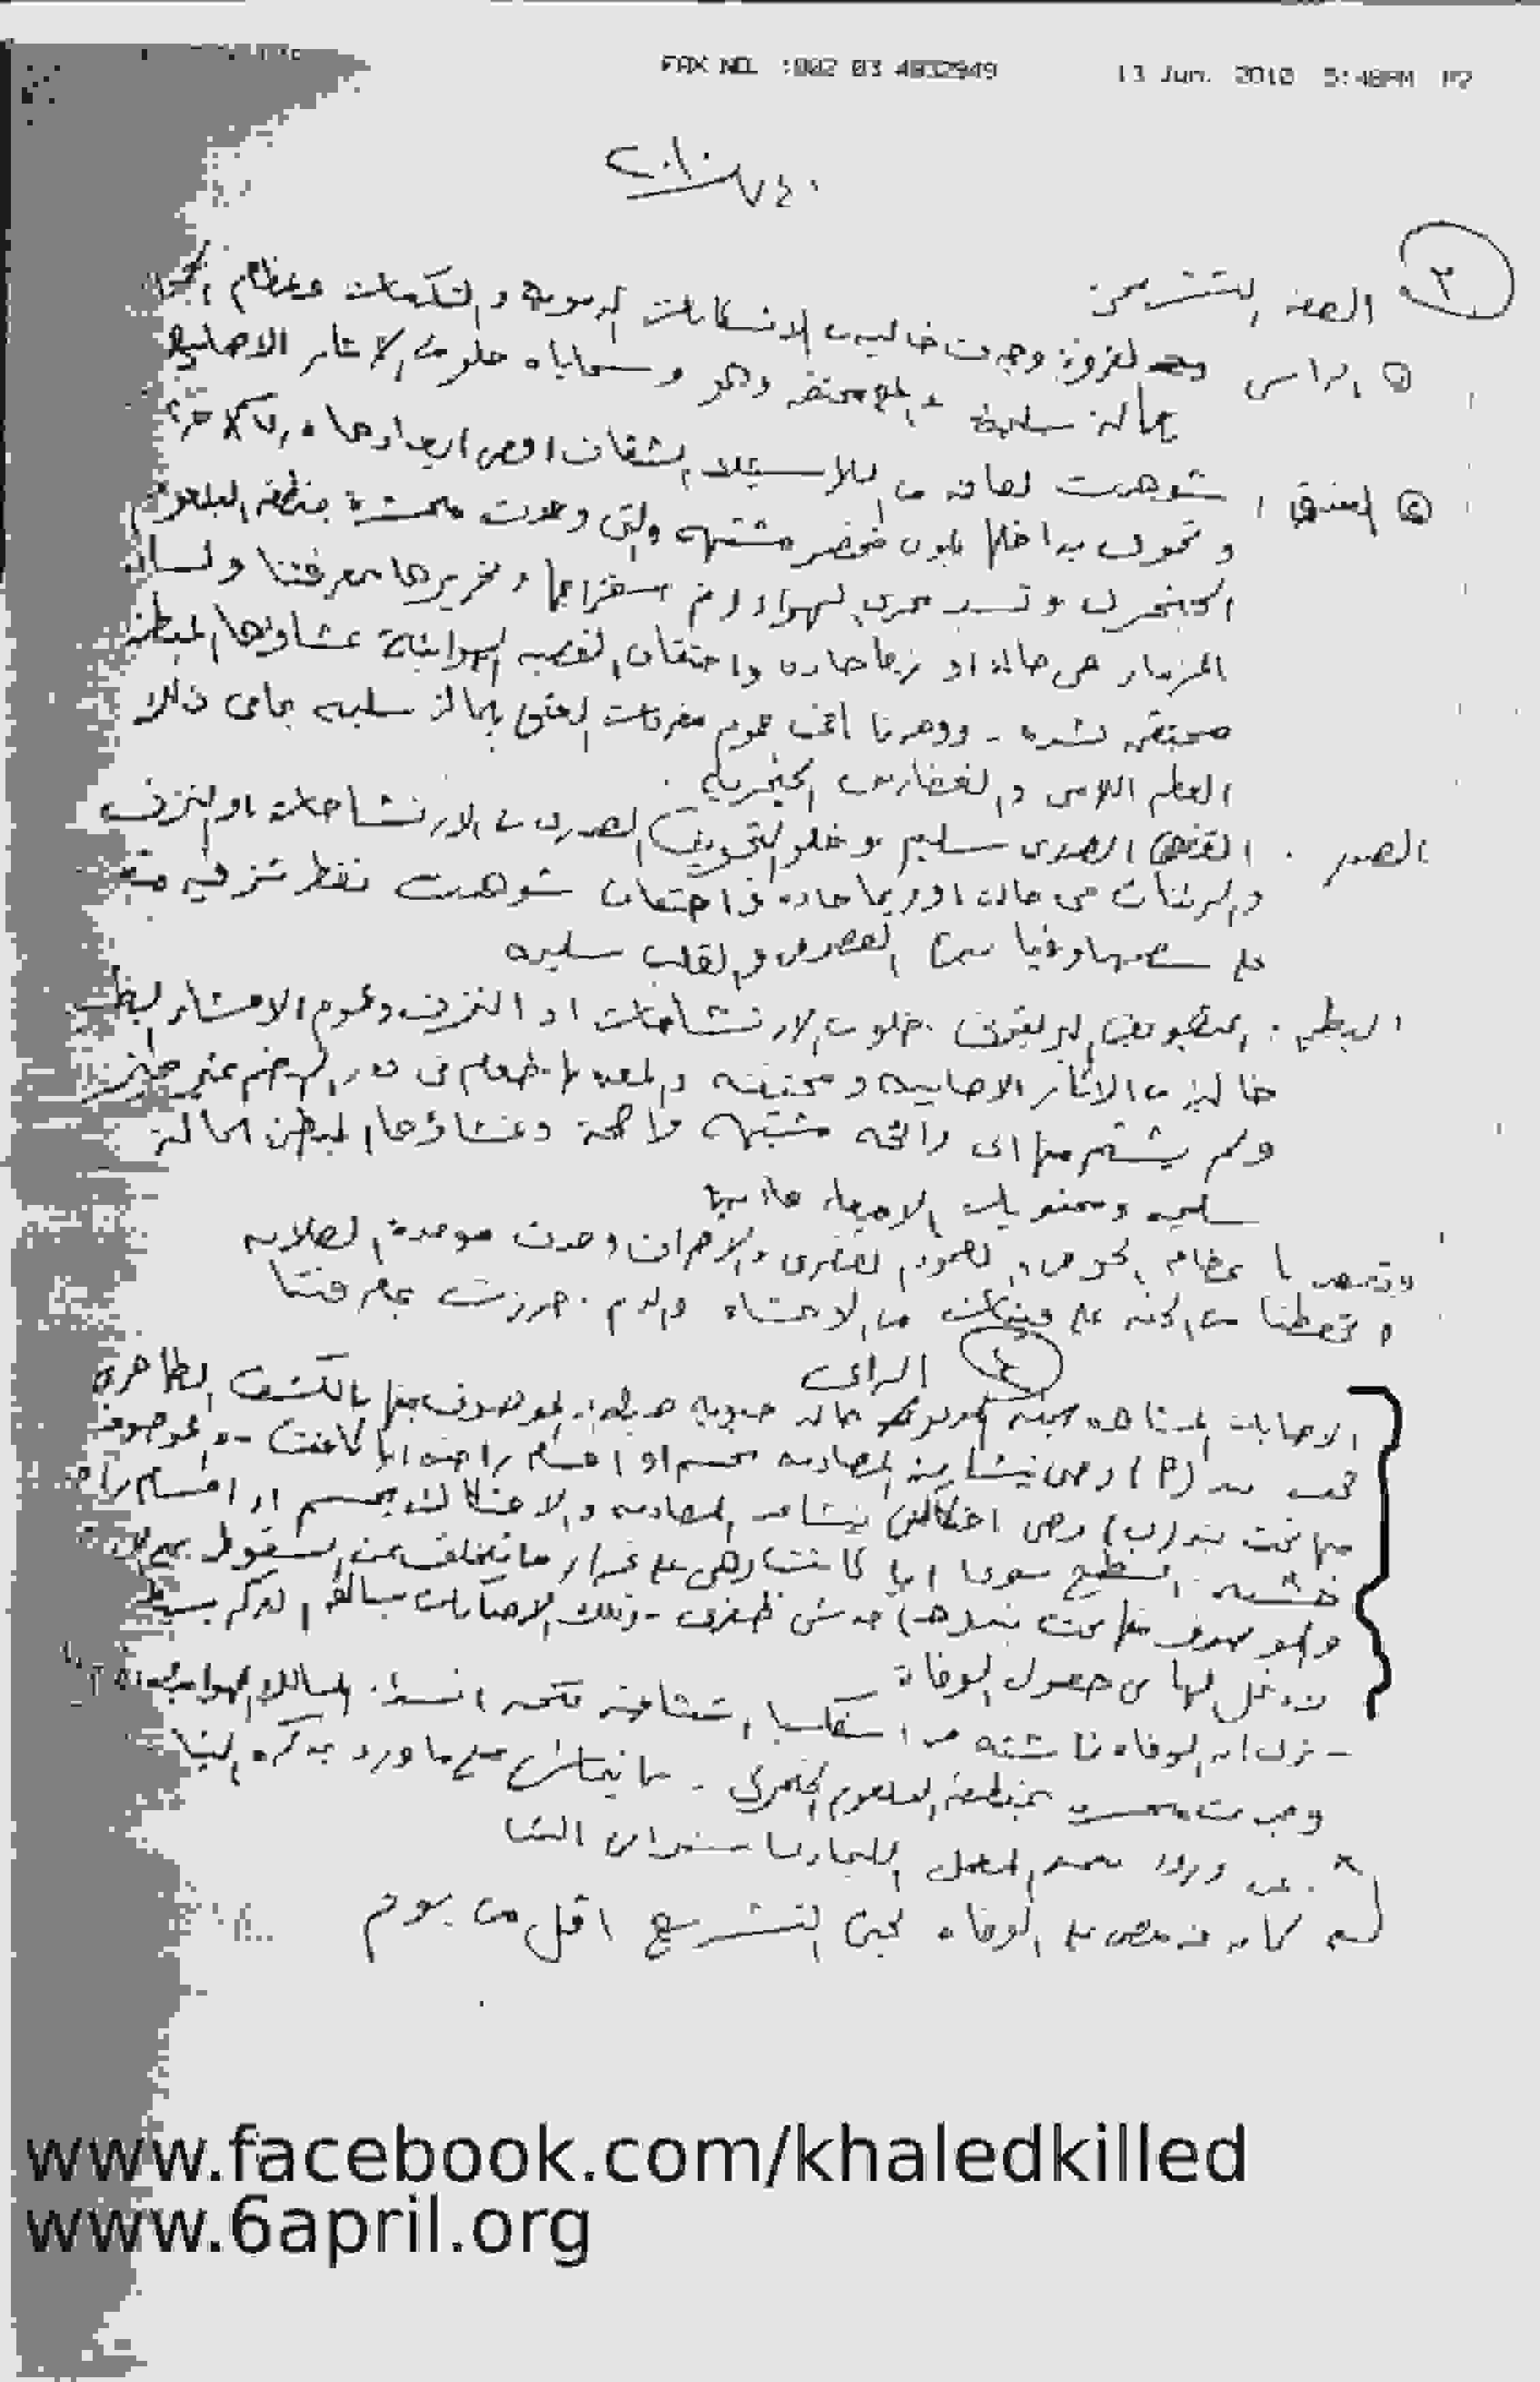 دم خالد مش هيروح هدر Taqrir10